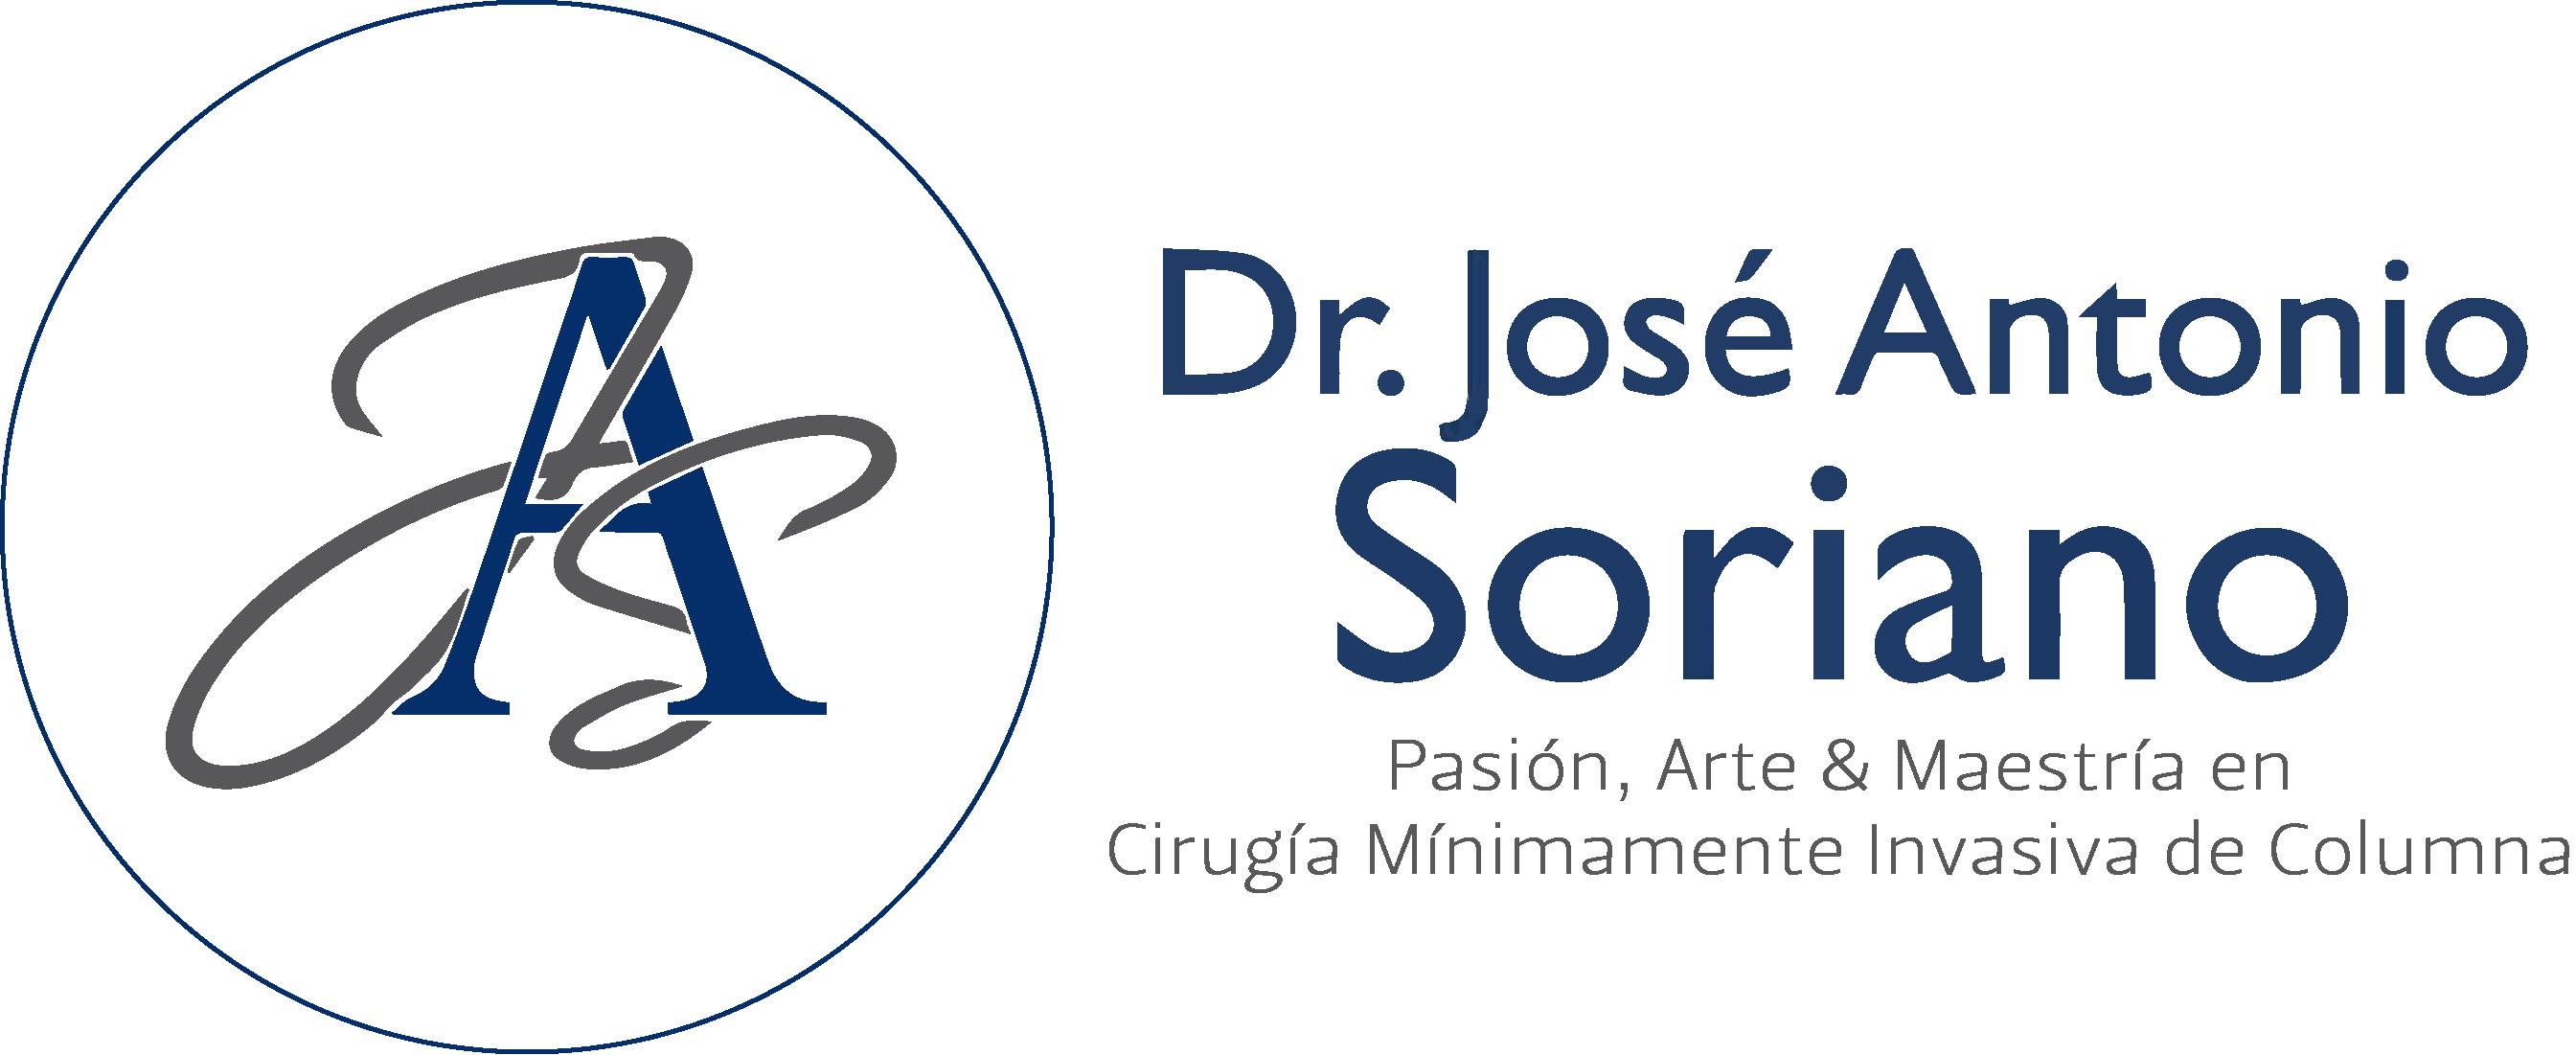 Dr. José Antonio Soriano